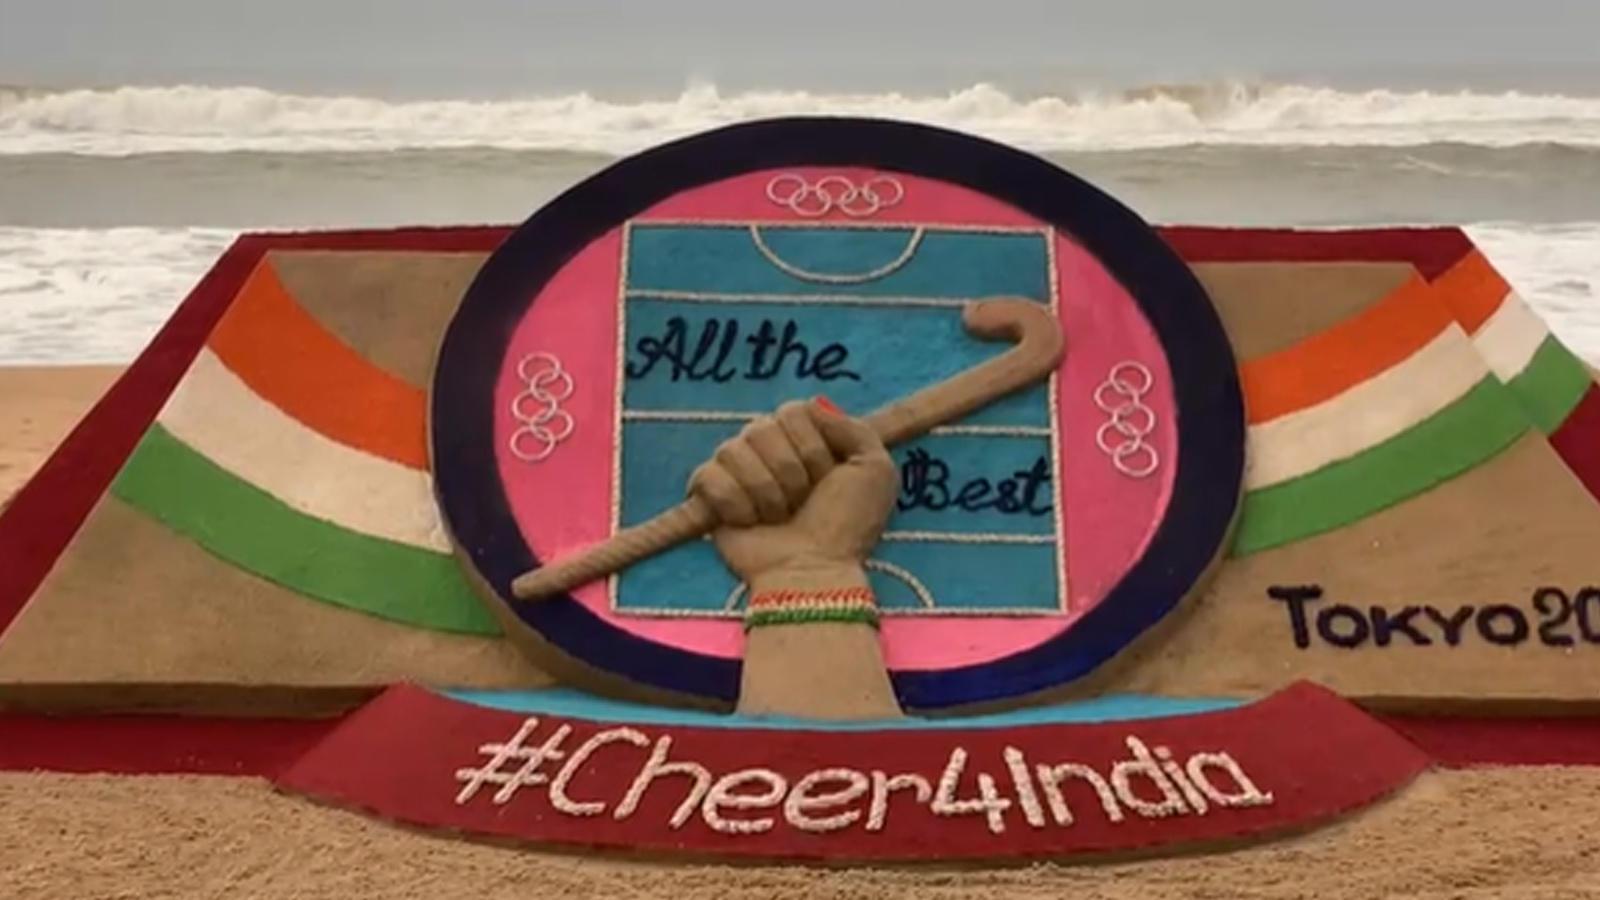 odisha-sudarshan-pattnaik-wishes-womens-hockey-team-through-art